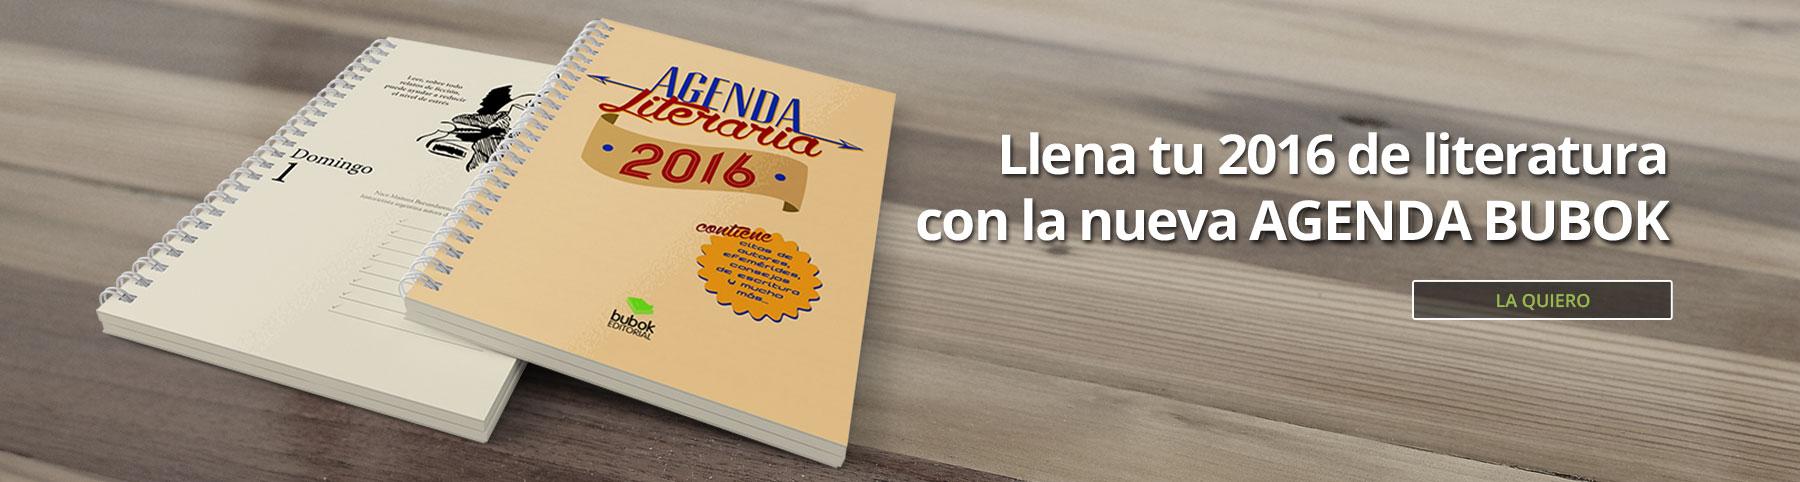 http://www.bubok.es/libros/243504/Agenda-Literaria-Bubok?utm_source=Web%20&utm_medium=Display&utm_term=Home-Roller&utm_content=Producto&utm_campaign=AgendaB16